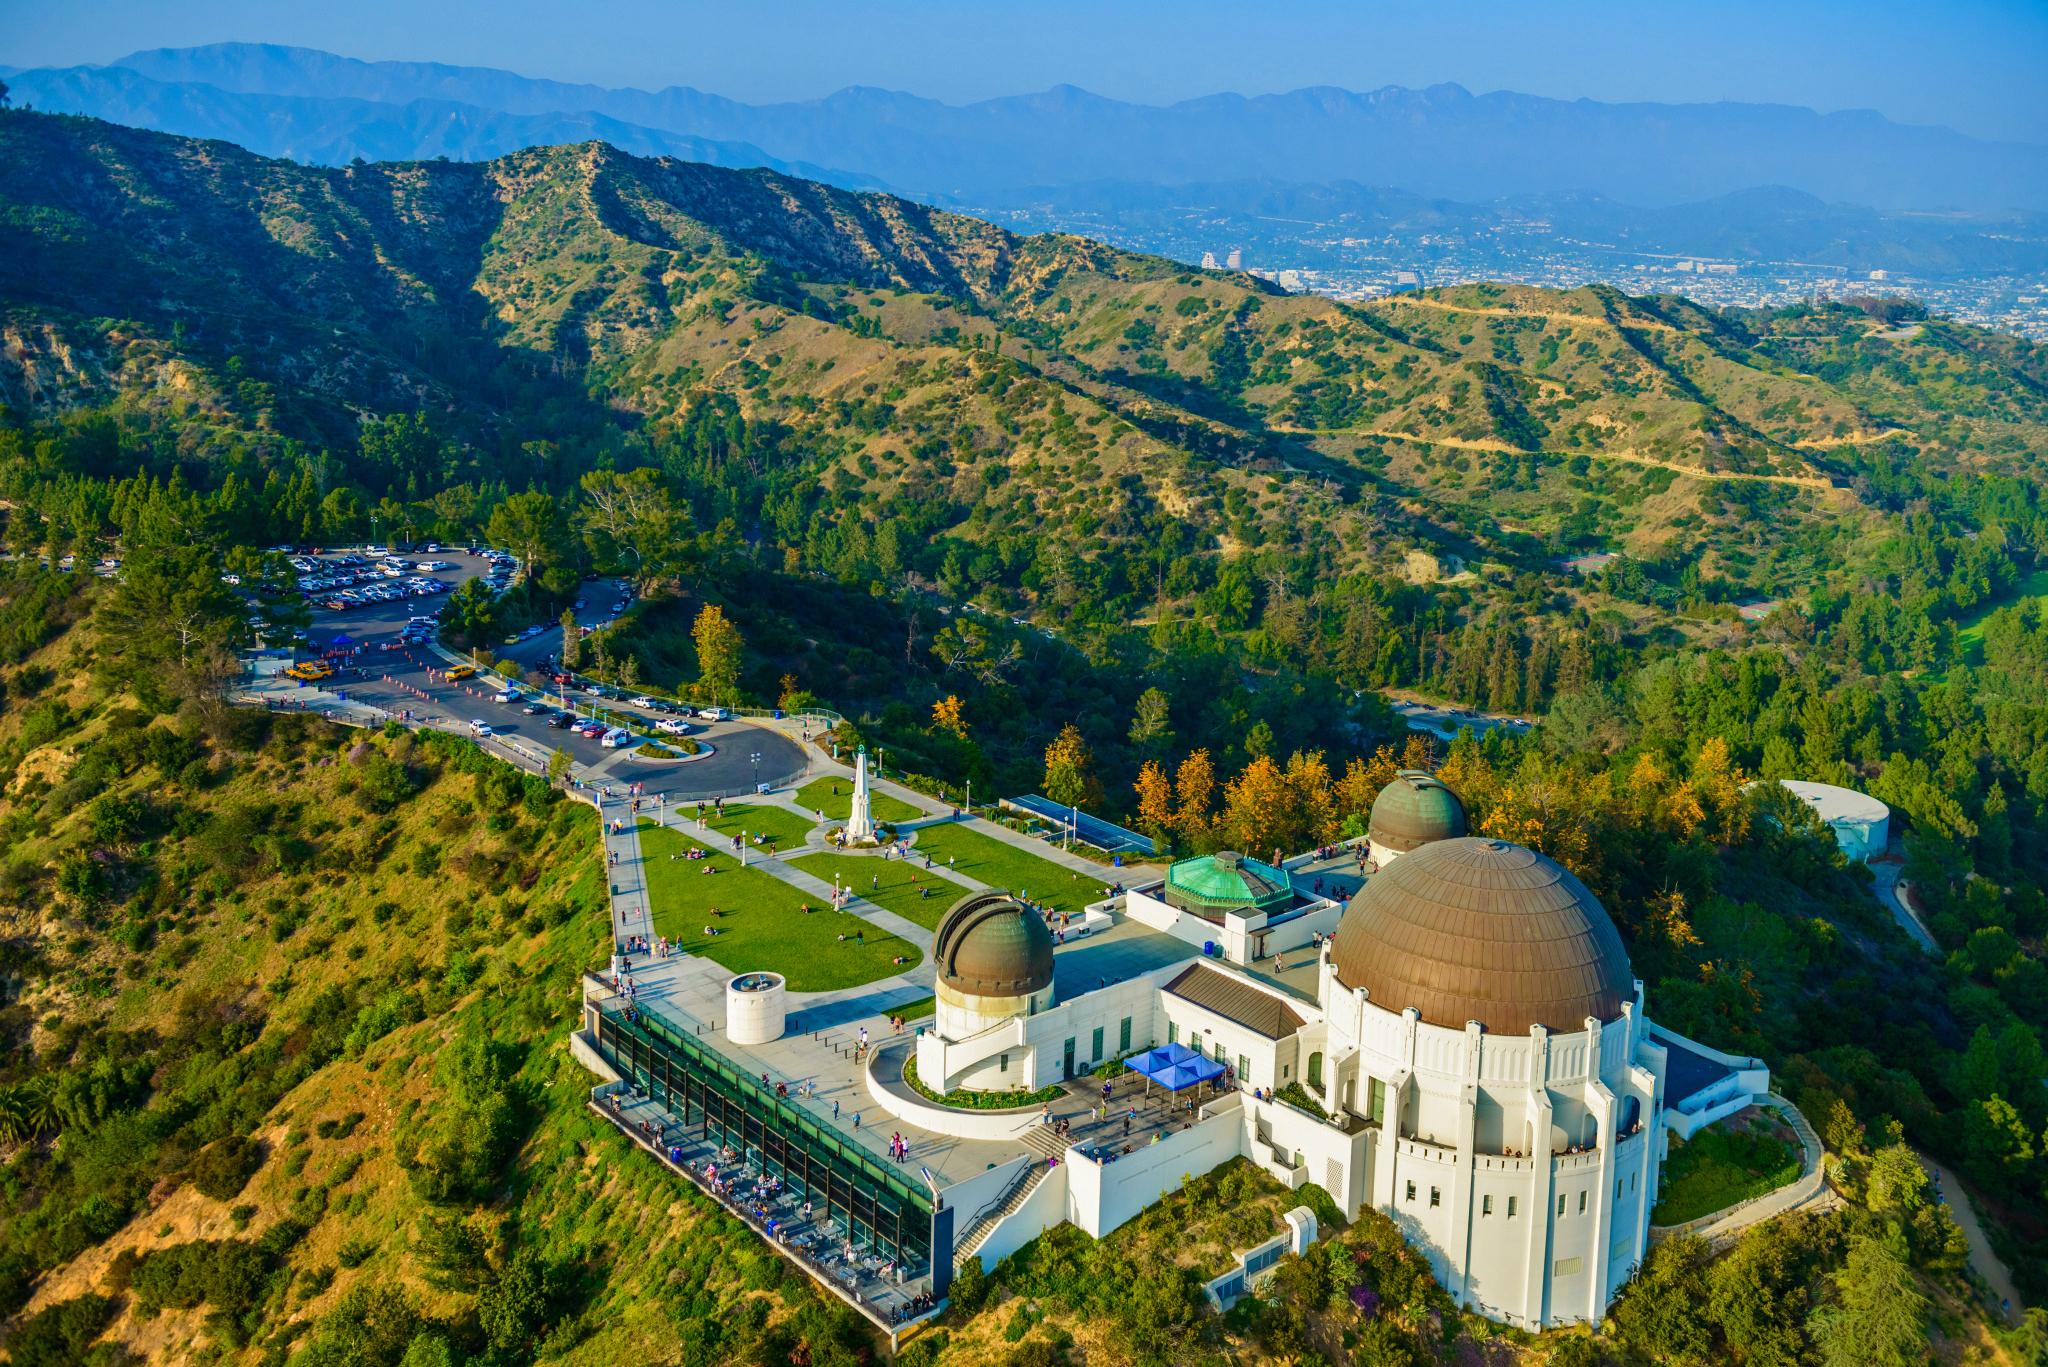 洛杉矶格里菲斯天文台